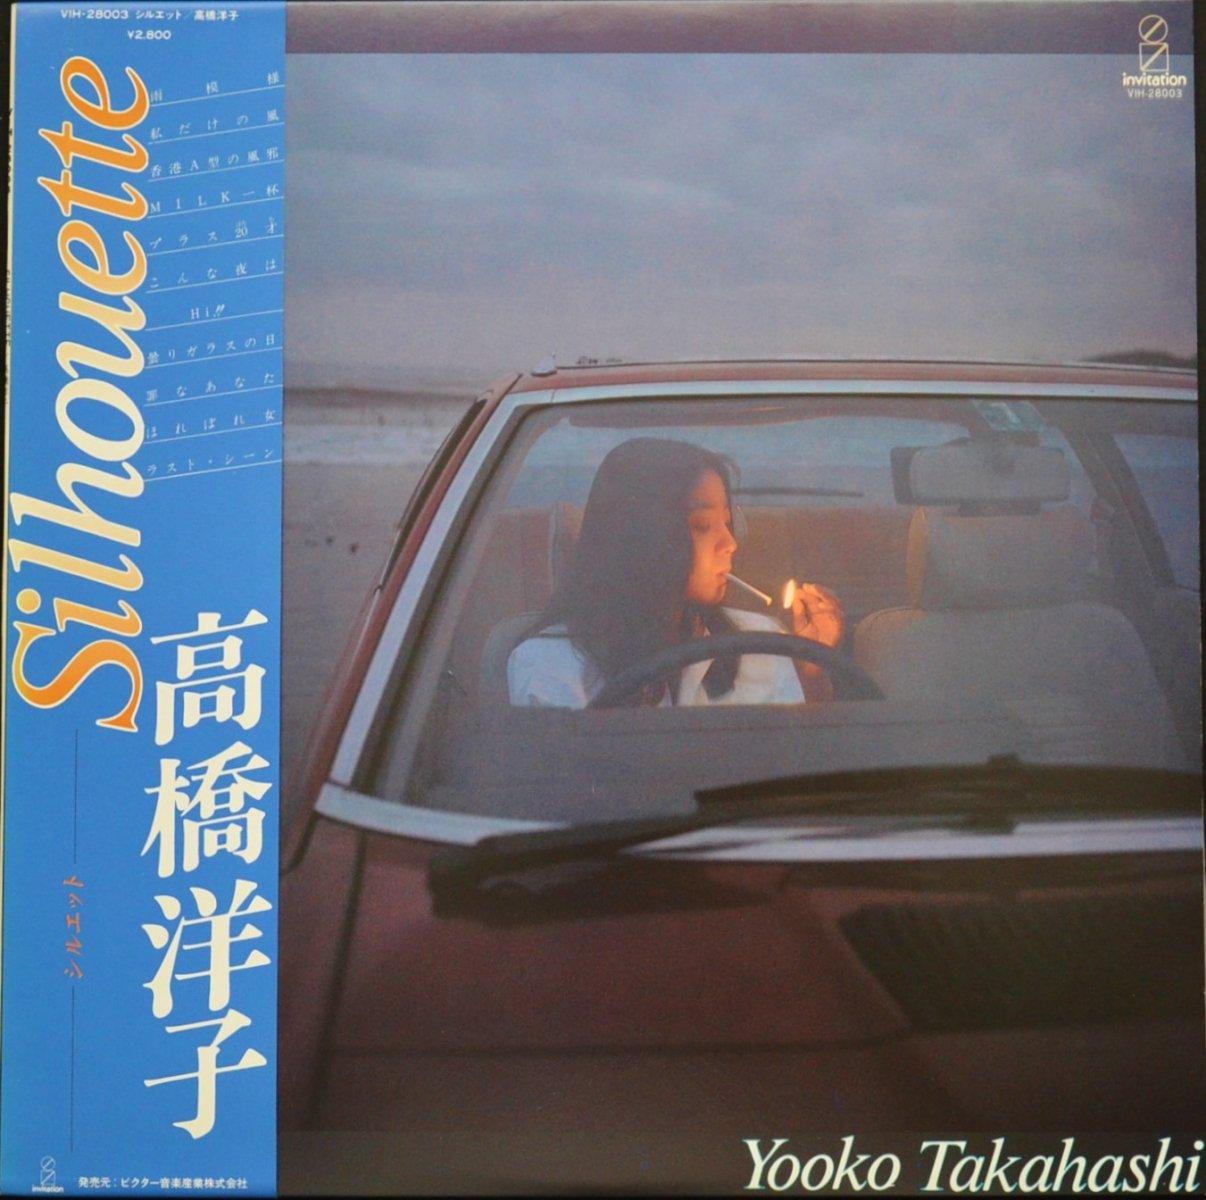 高橋洋子 YOKO TAKAHASHI / シルエット SILHOUETTE (LP)